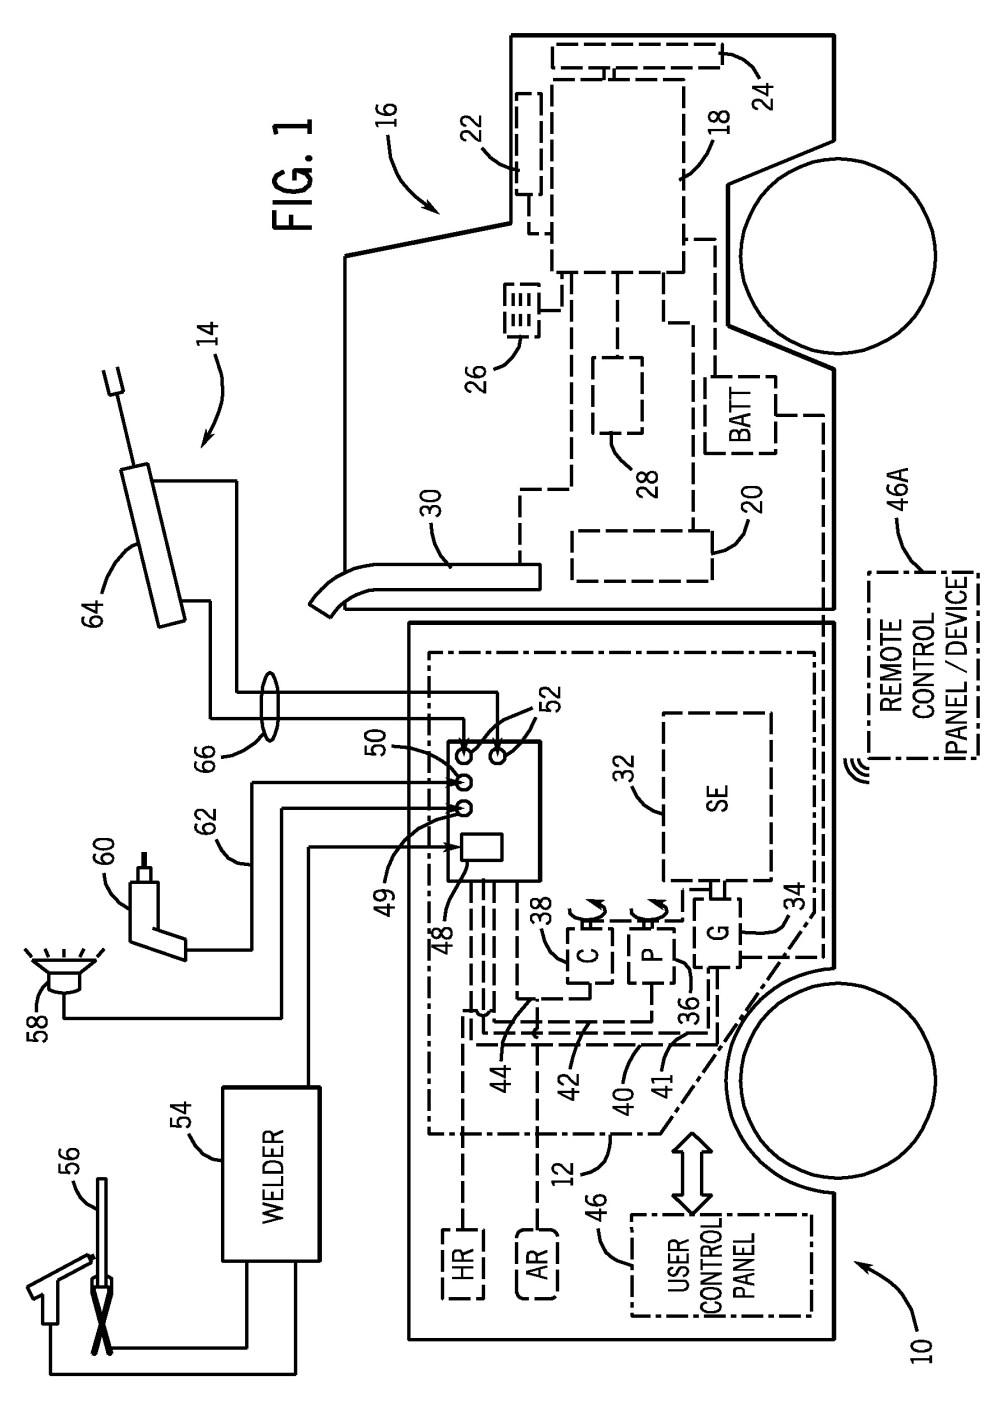 medium resolution of hydraulic pump diagram monarch hydraulic pump wiring diagram wiring rh detoxicrecenze com monarch 12v hydraulic pump